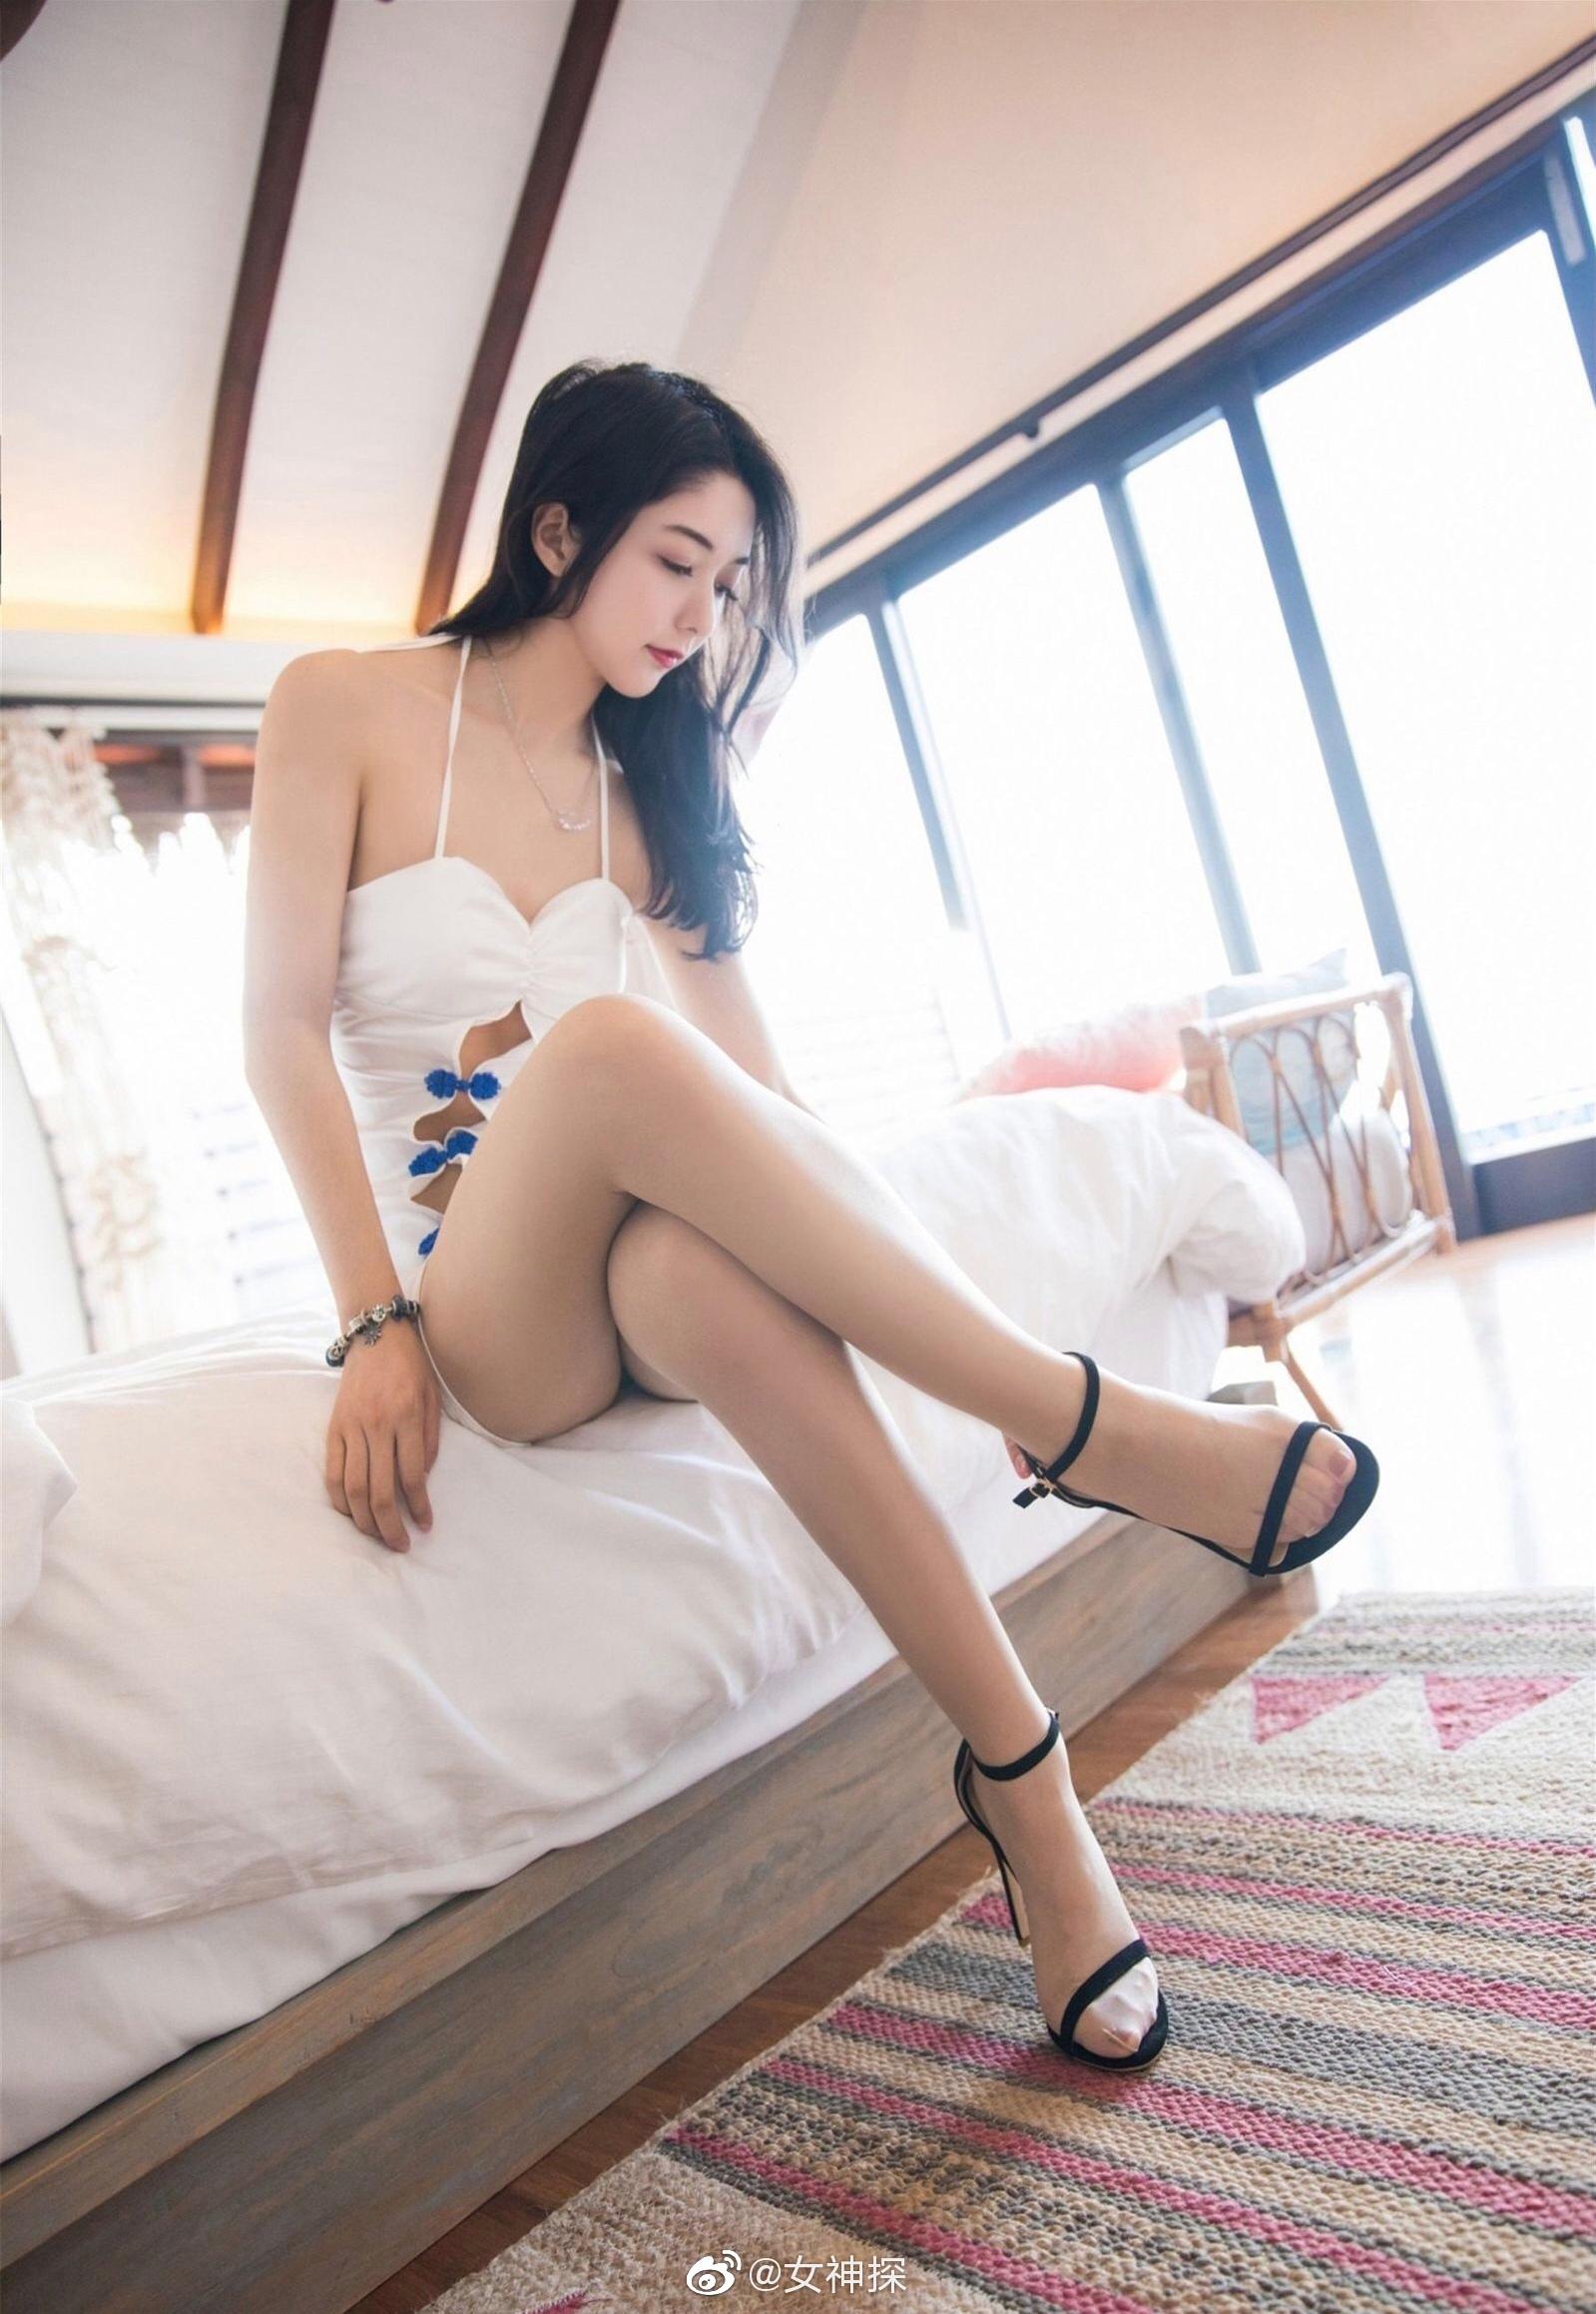 漂亮美女图片段子:深田咏美&桥本环奈 热门段子 热图11